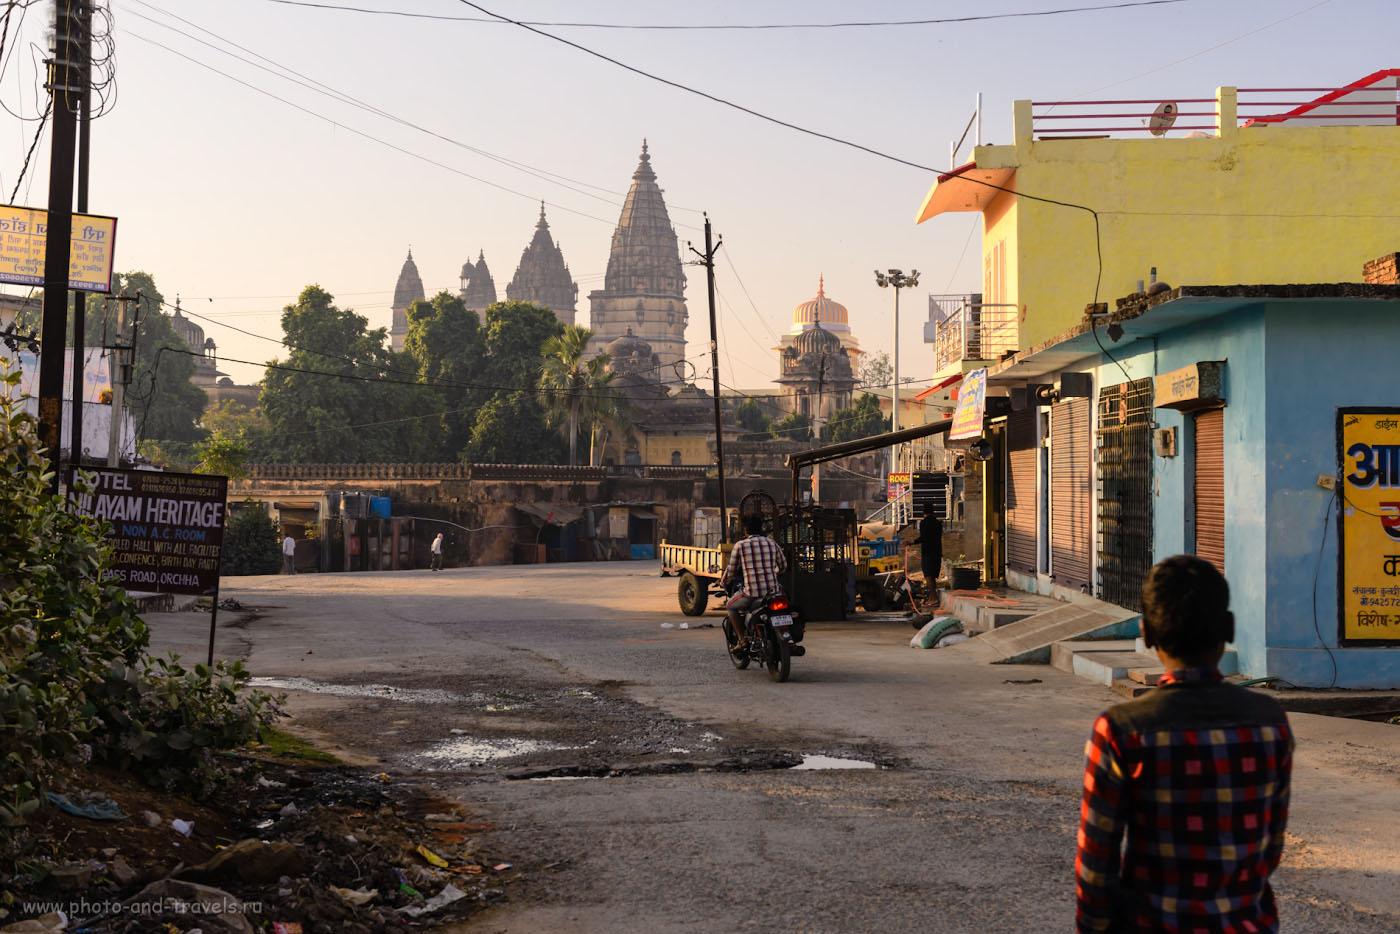 Фото 6. Утро в Орчхе. Моя любимая Индия. 1/200, -0.33, 7.1, 100, 44.